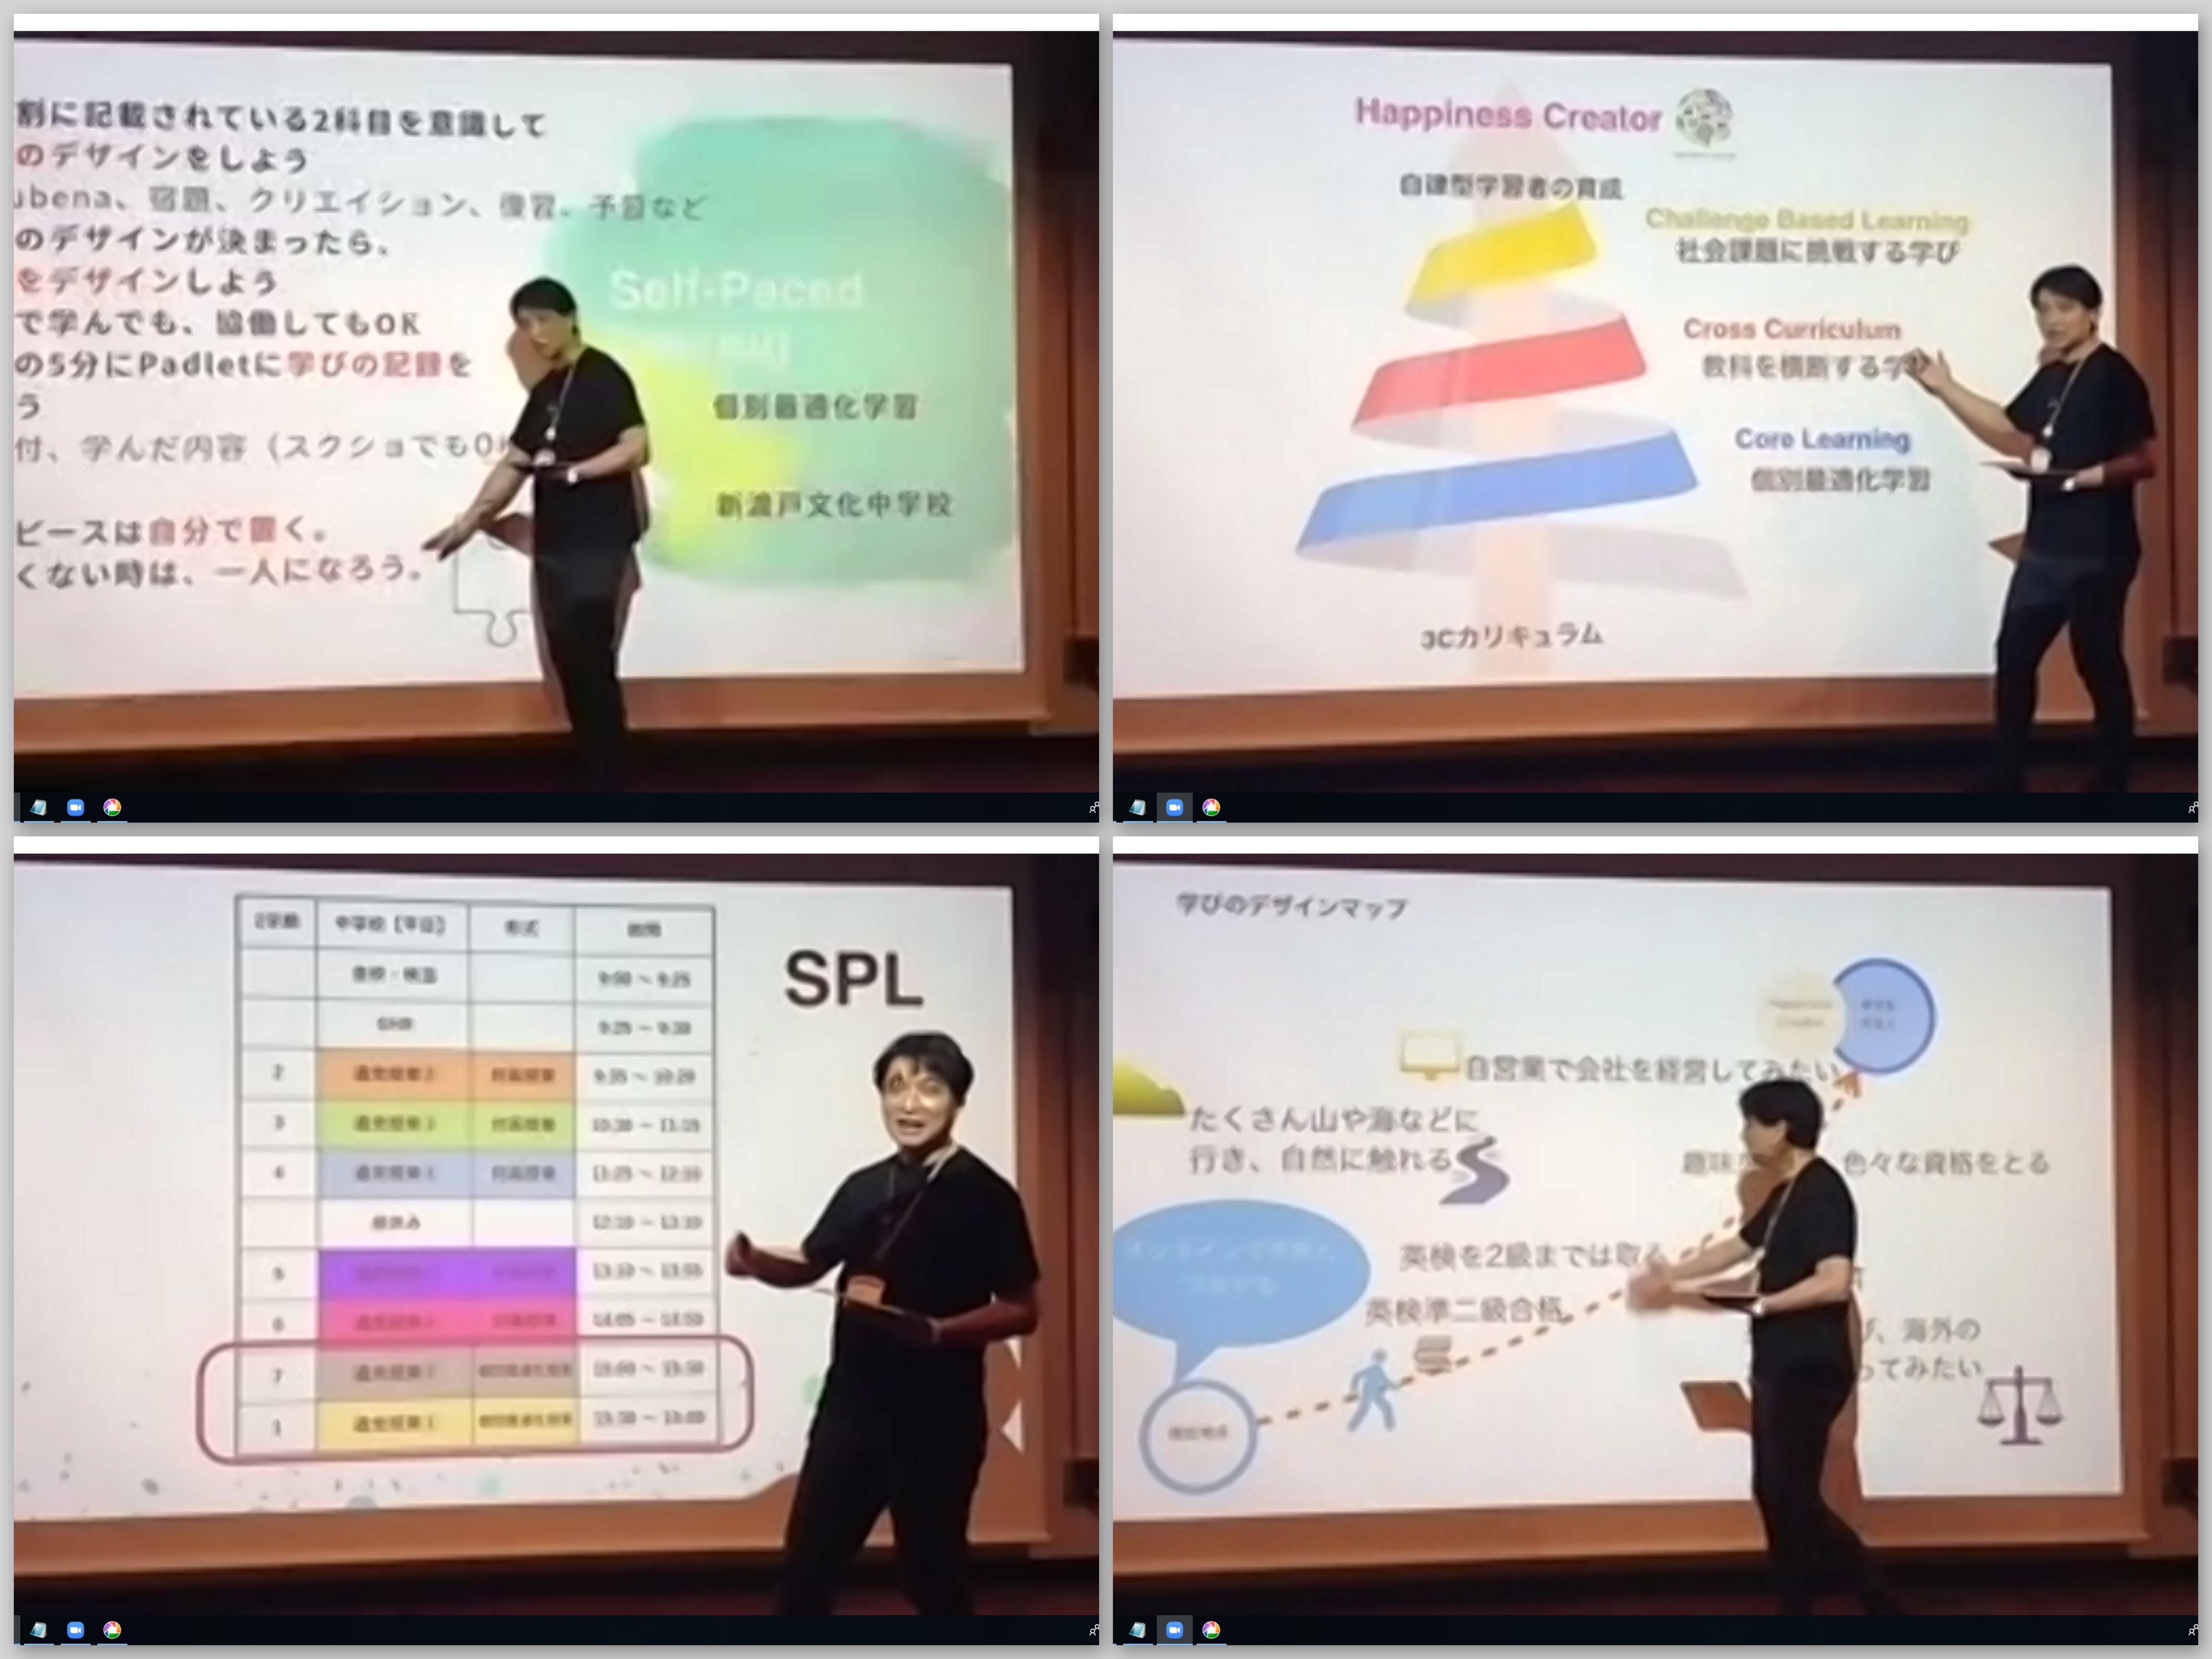 神田外語グループが日本全国の英語教員を対象に英語教育公開講座2020をオンラインで開催しました~''with/afterコロナ'' 時代の語学教育にも活用できる講座を開講~